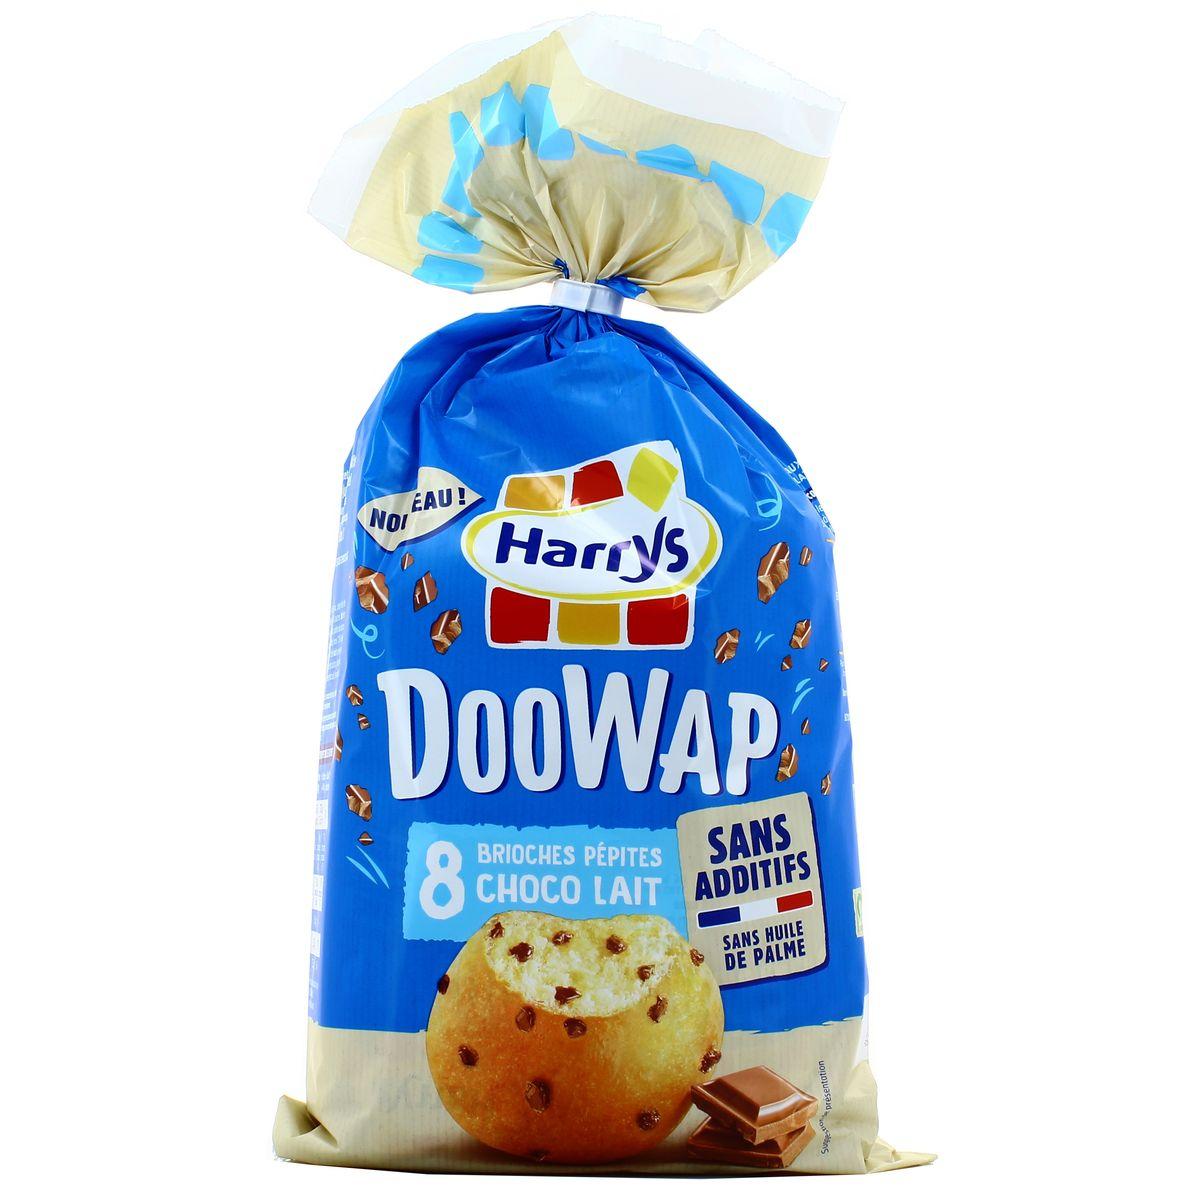 Doowap aux pépites de chocolat au lait, Harry's (x 8, 320 g)